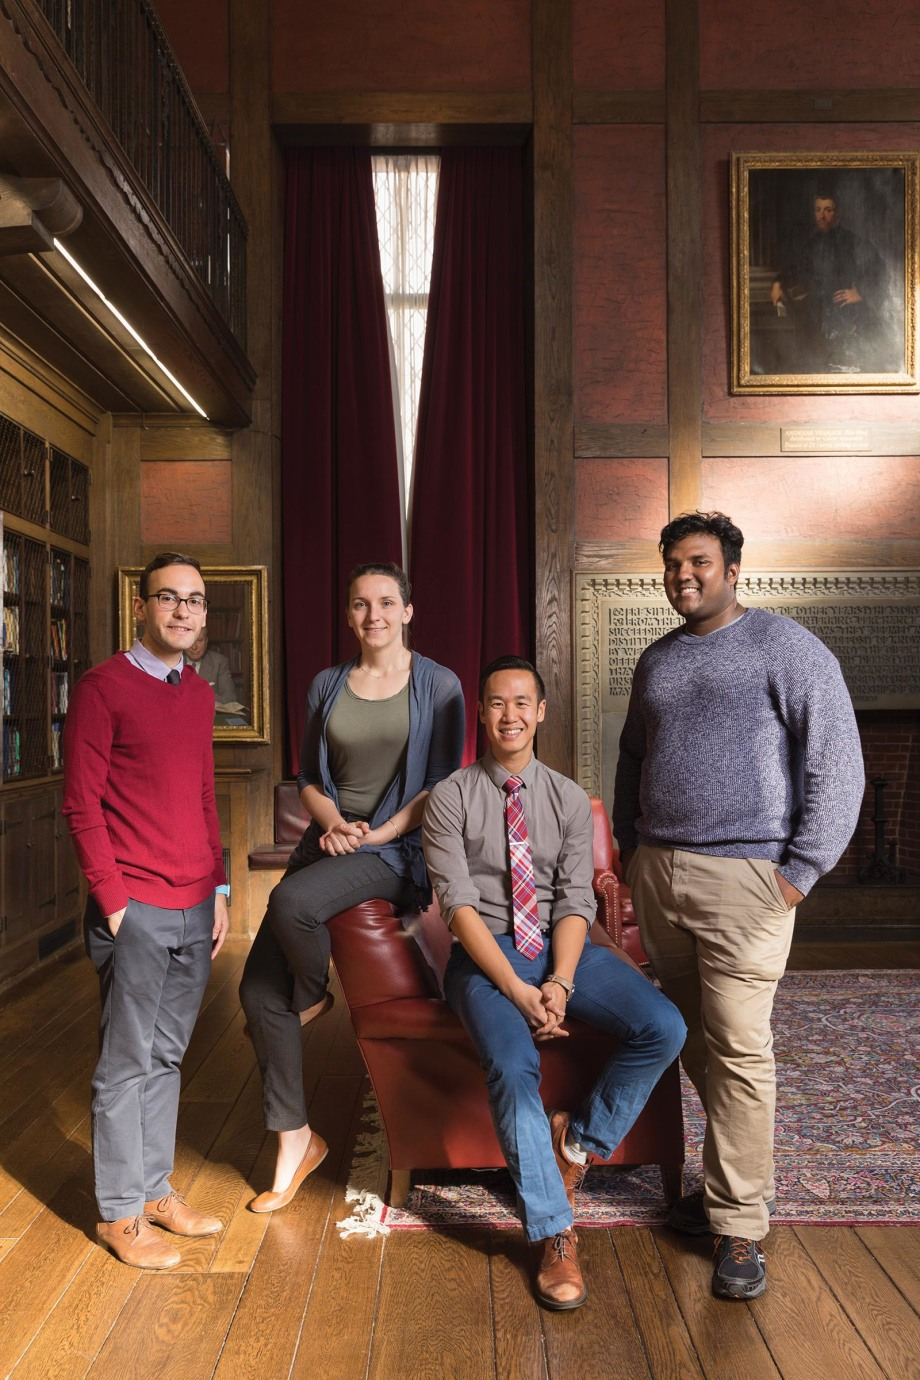 Andi Shahu, Kayleigh Herrick-Reynolds, Daniel Zheng, and Lorenzo Sewanan